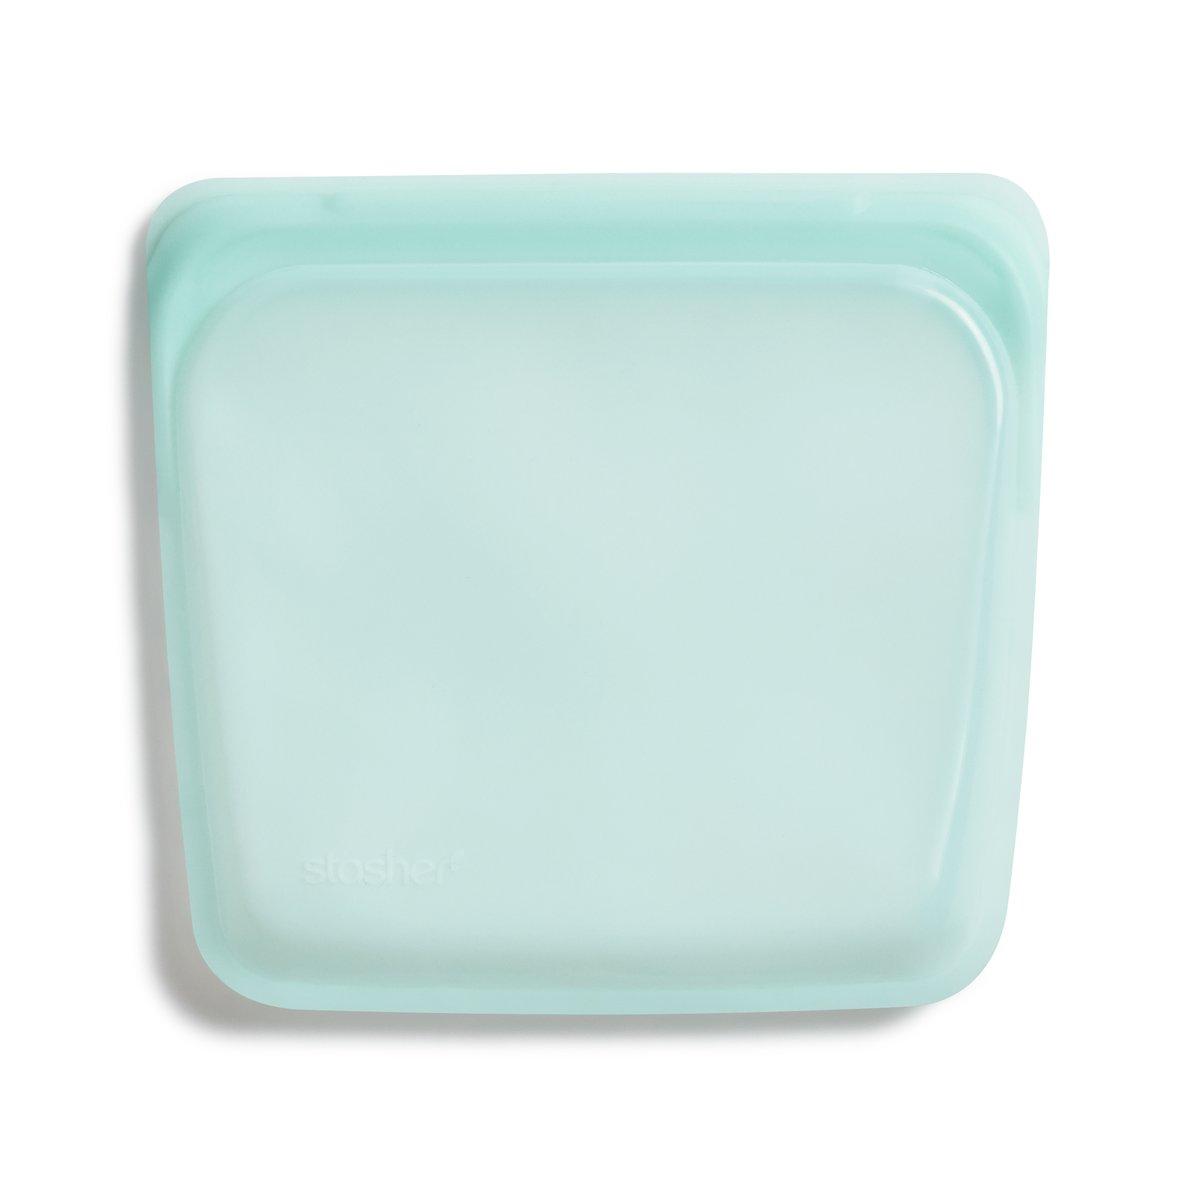 STASHER Sandwich Wielorazowa torebka silikonowa | SoBio Beauty Boutique